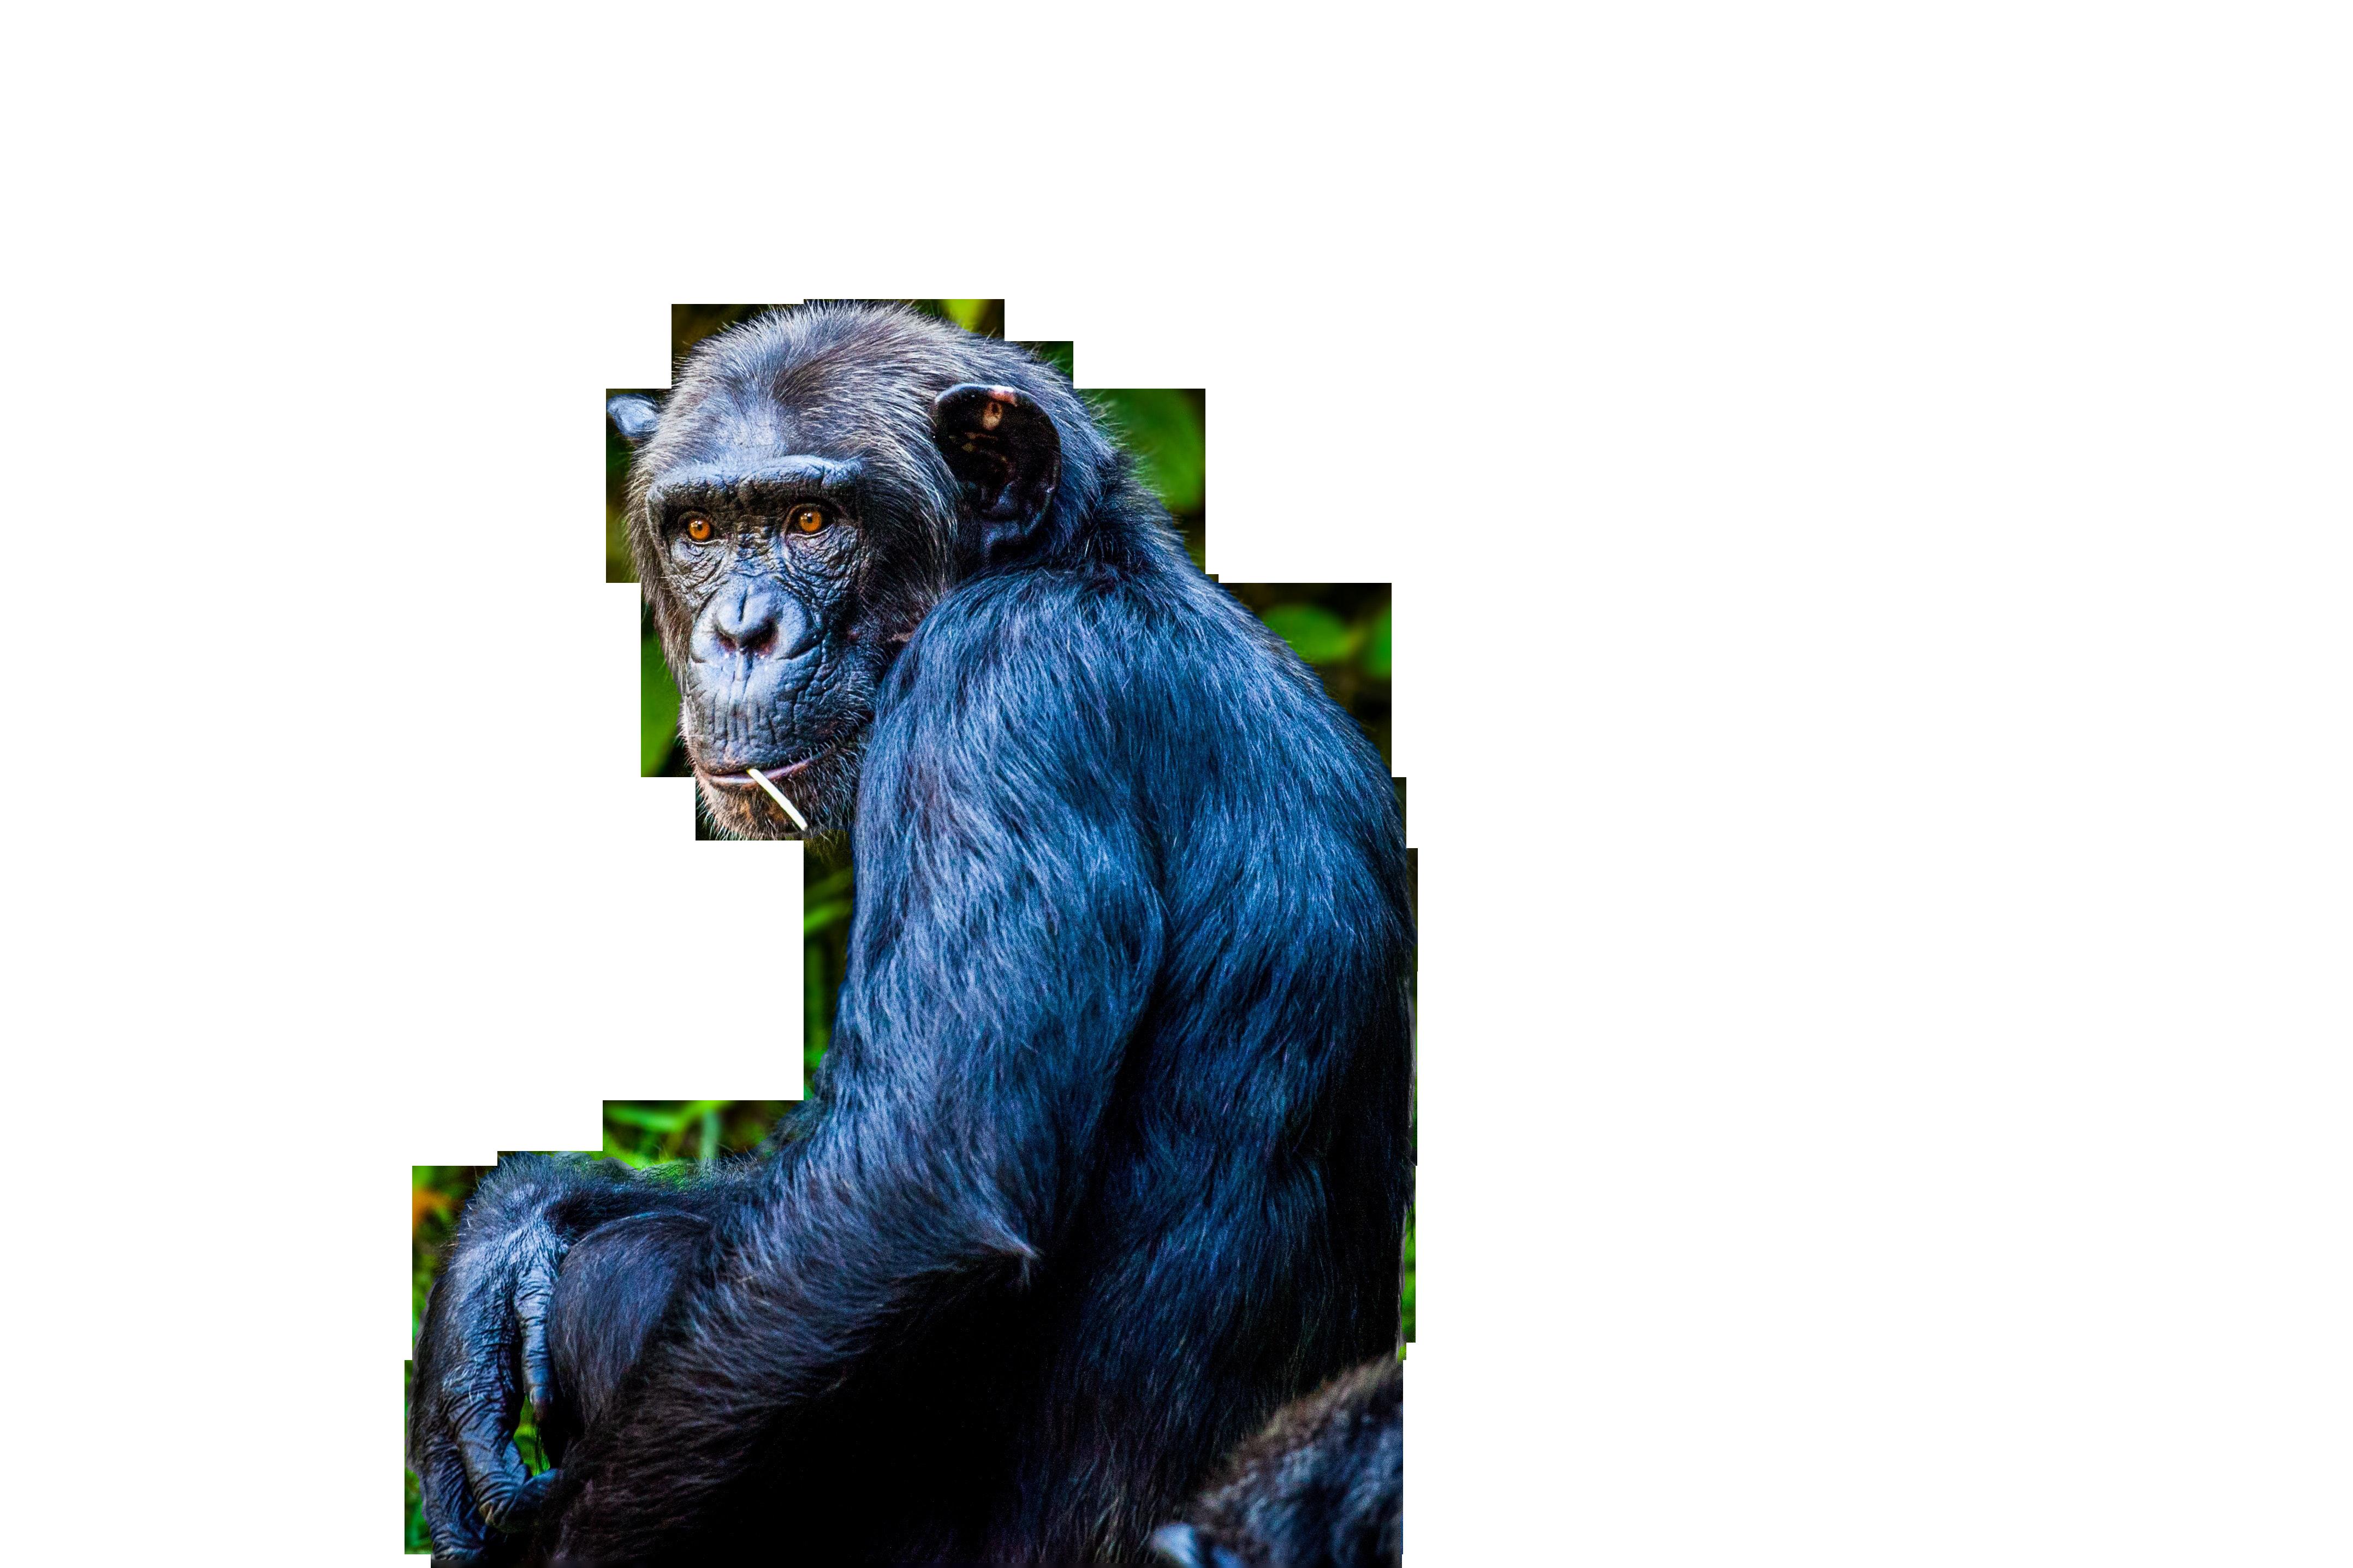 chimpanzee png image 4.